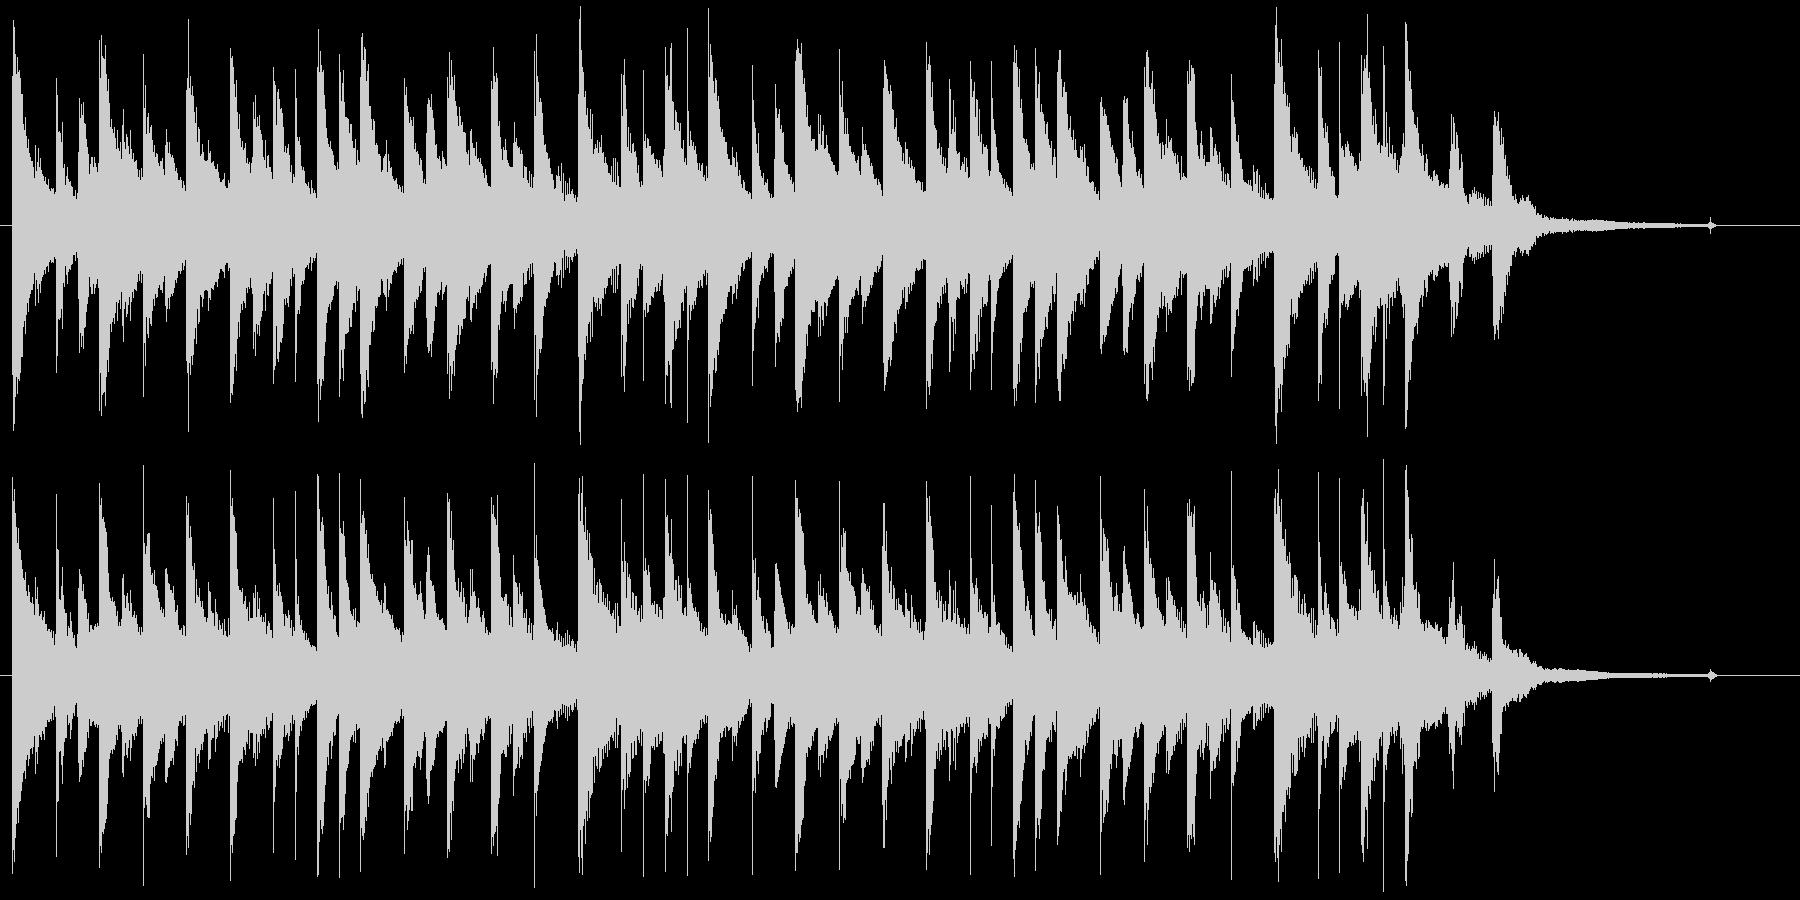 静か、奇妙、不思議な夜のロゴ・ジングルの未再生の波形